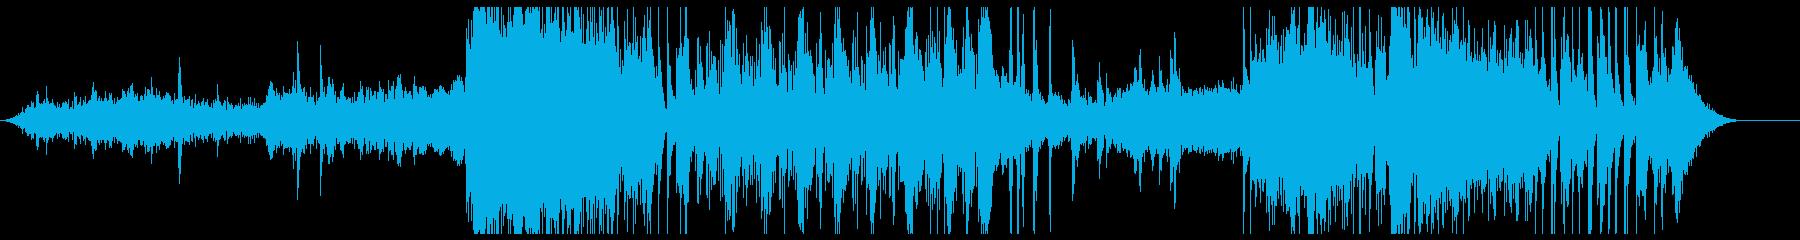 不気味で緊張感のあるオーケストラサウンドの再生済みの波形